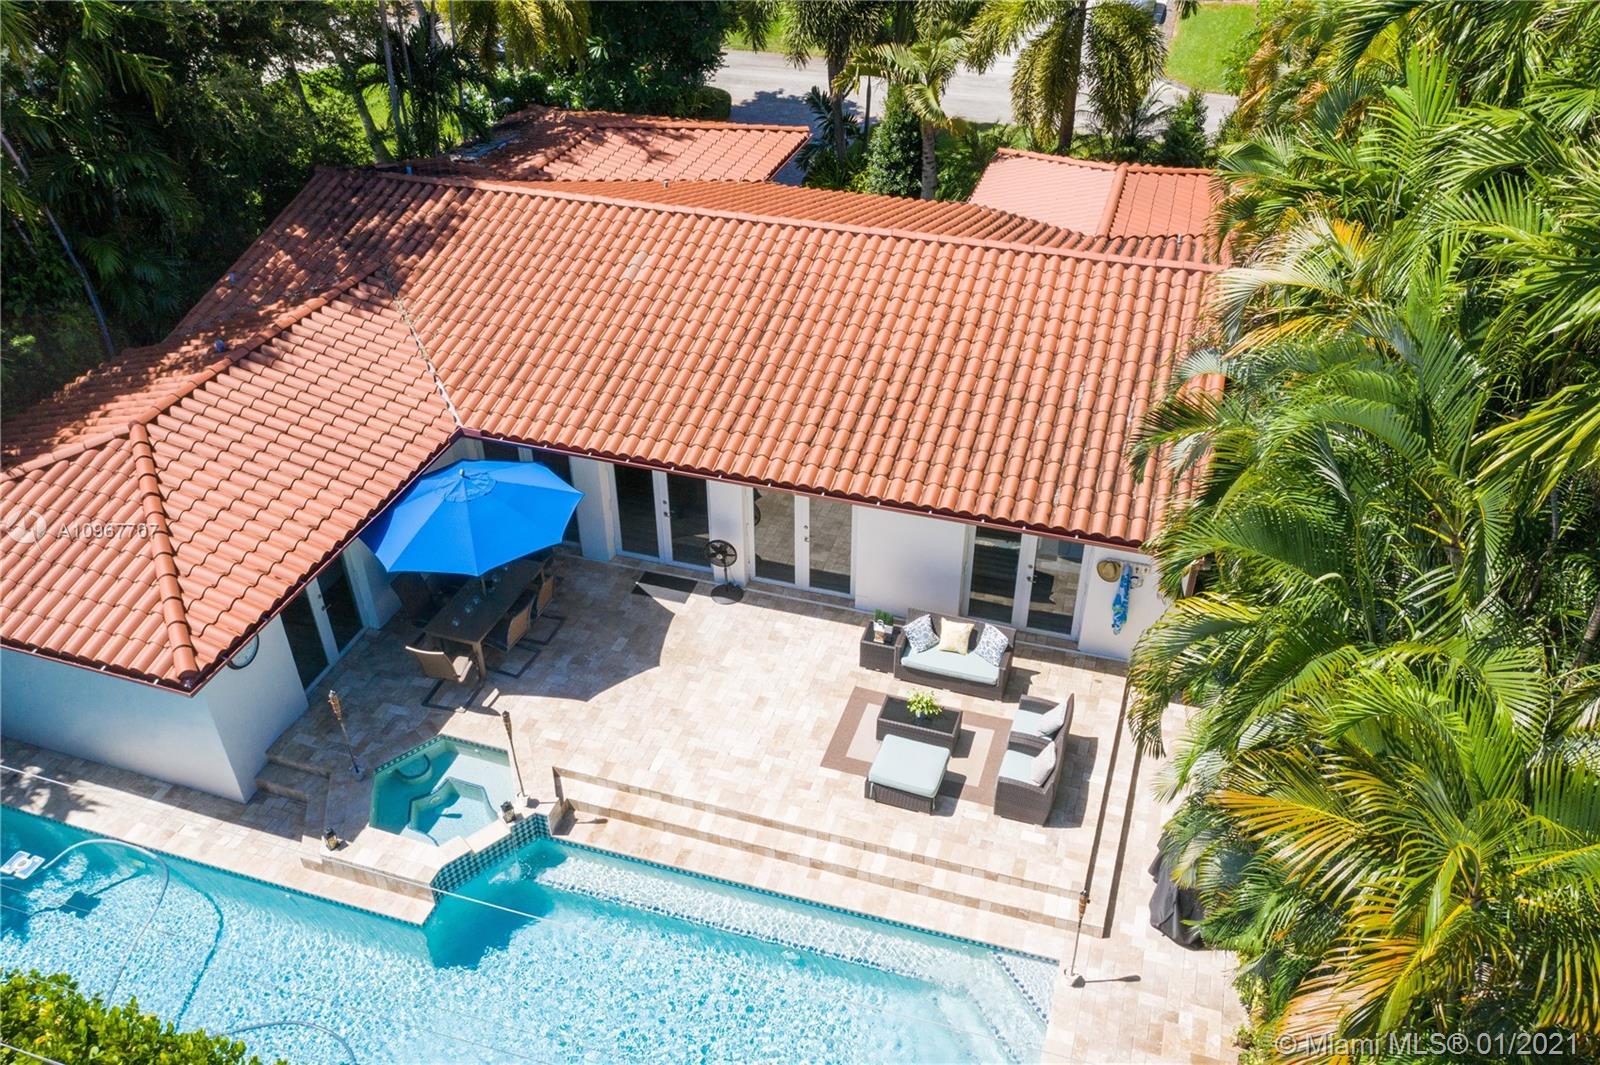 Miami Shores - 1240 NE 100th St, Miami Shores, FL 33138